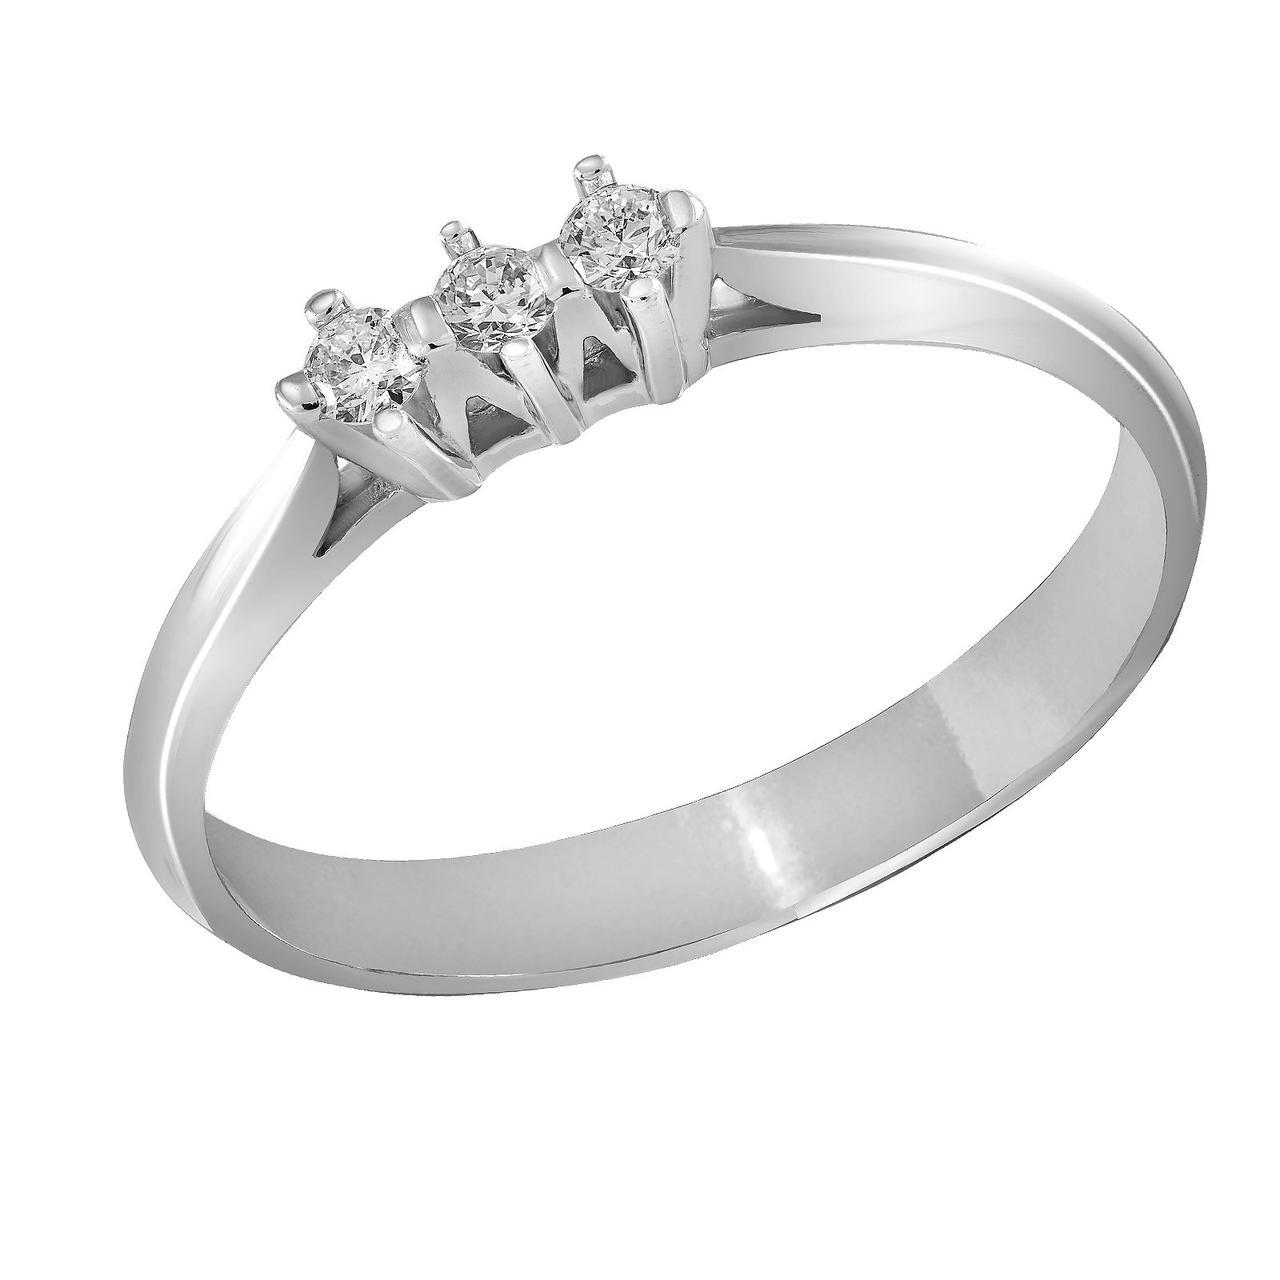 Золотое кольцо с бриллиантами, размер 16.5 (872556)